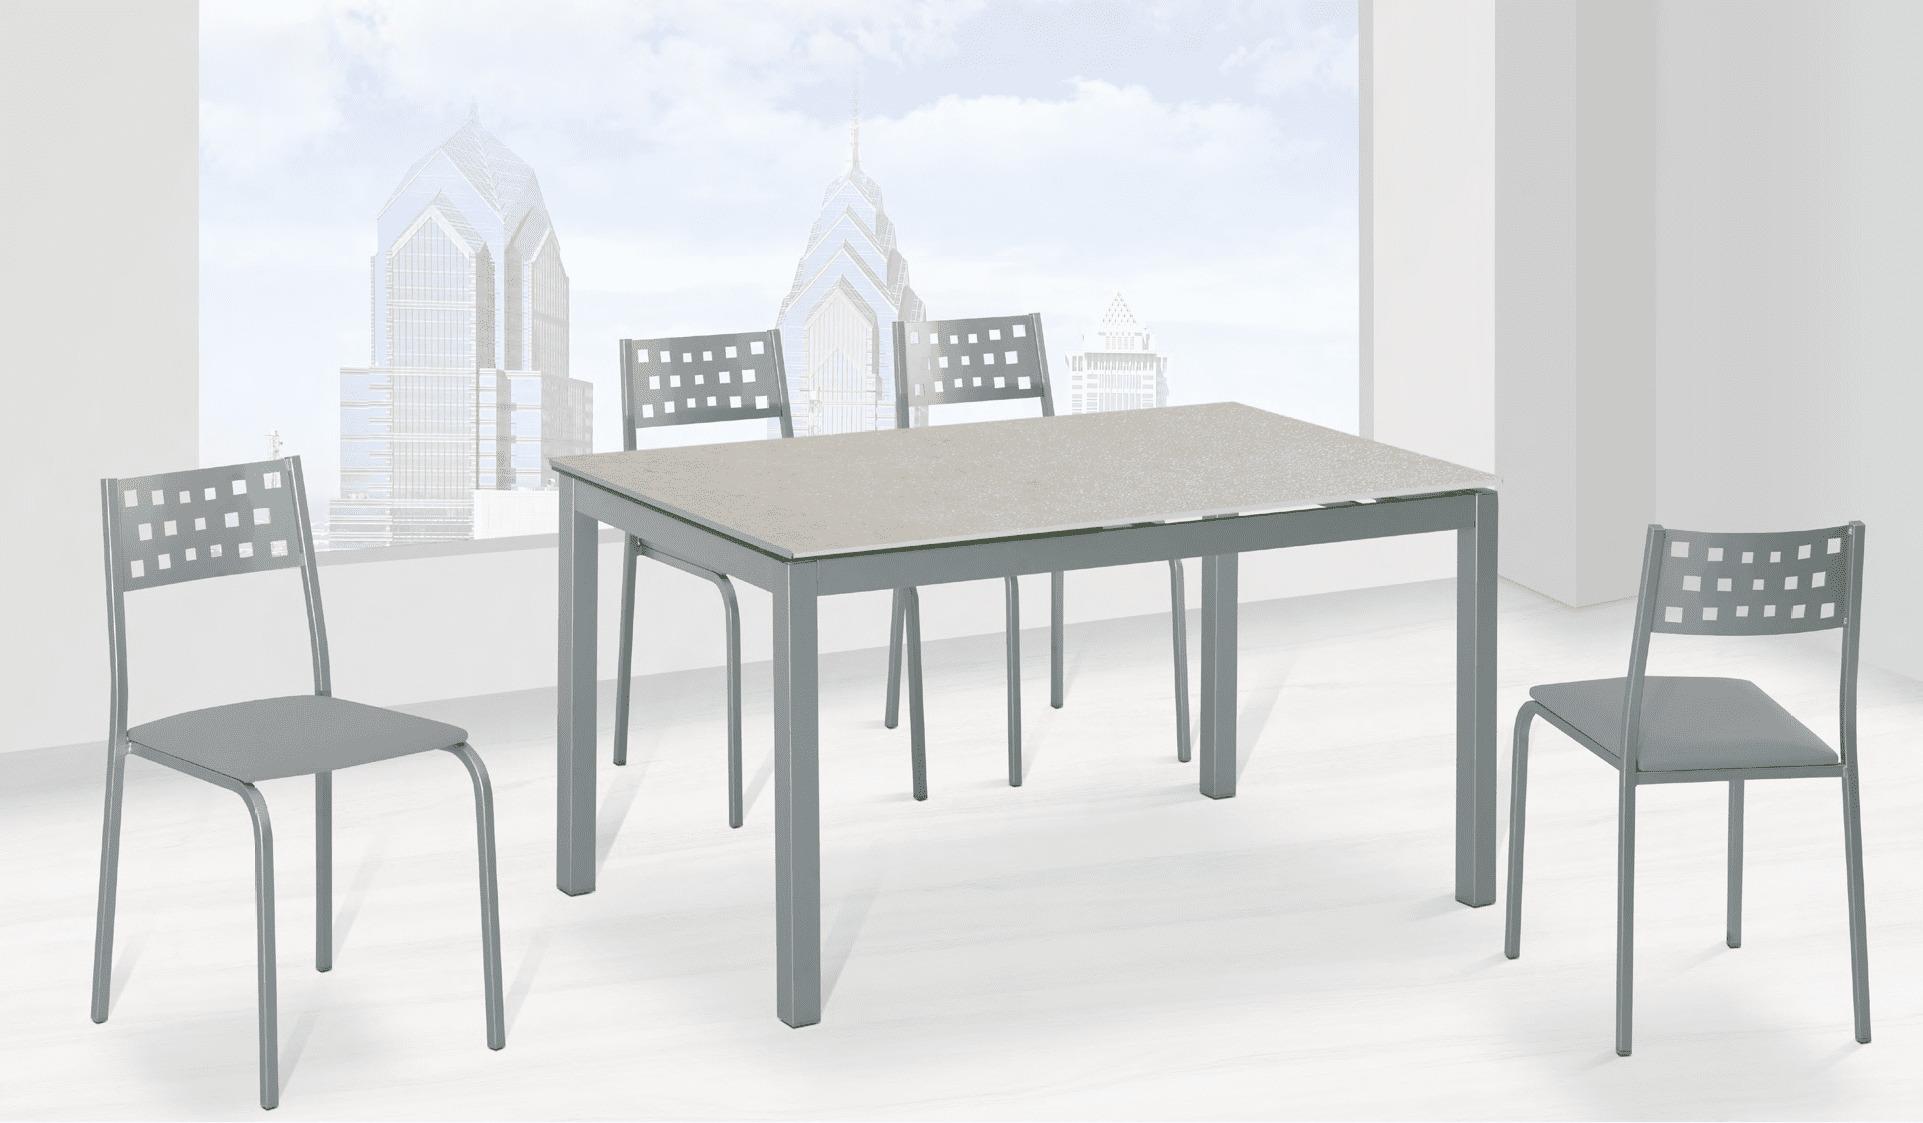 mesas-y-sillas-de-cocina-Insuperable-muebles-paco-caballero-209-5c9524a686048